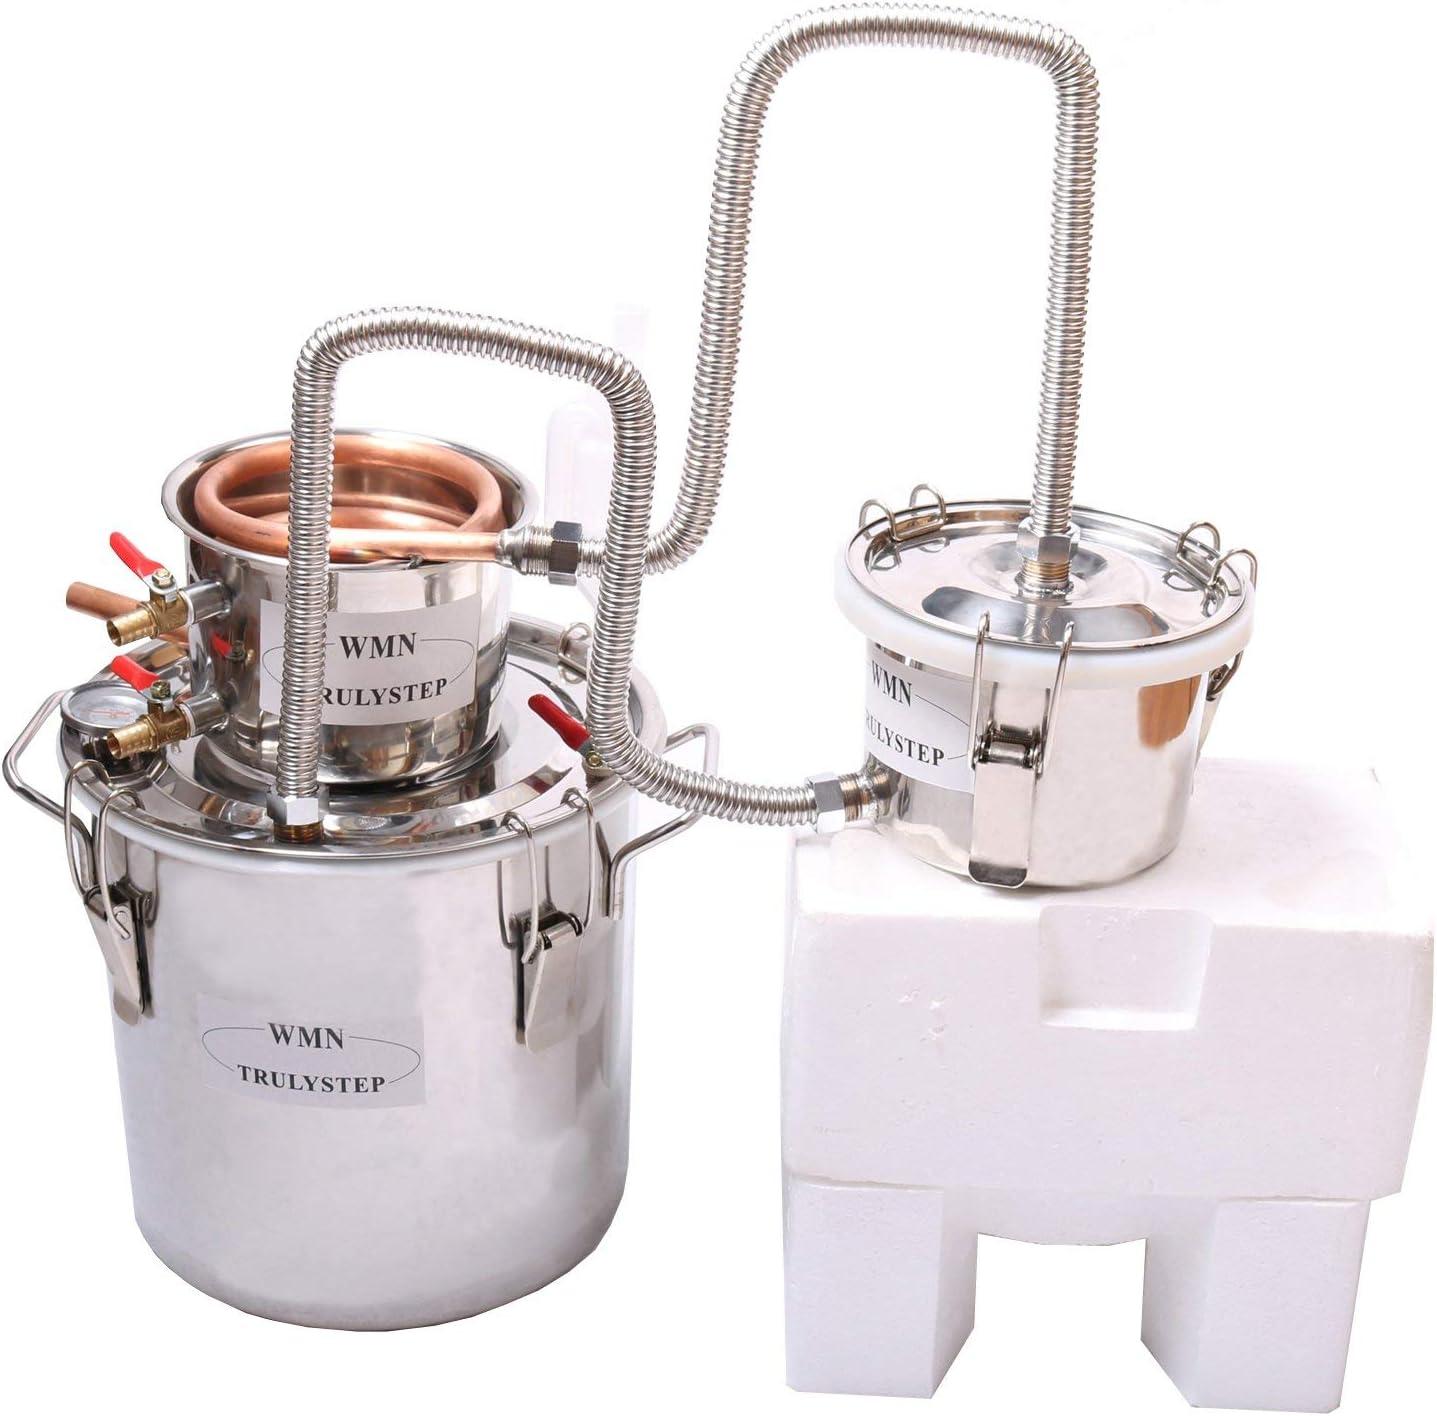 30L Kit de destilación de acero inoxidable,para la elaboración casera de vino, alcohol, cerveza o destilación de agua,puede ajustar una gran cantidad de gustos